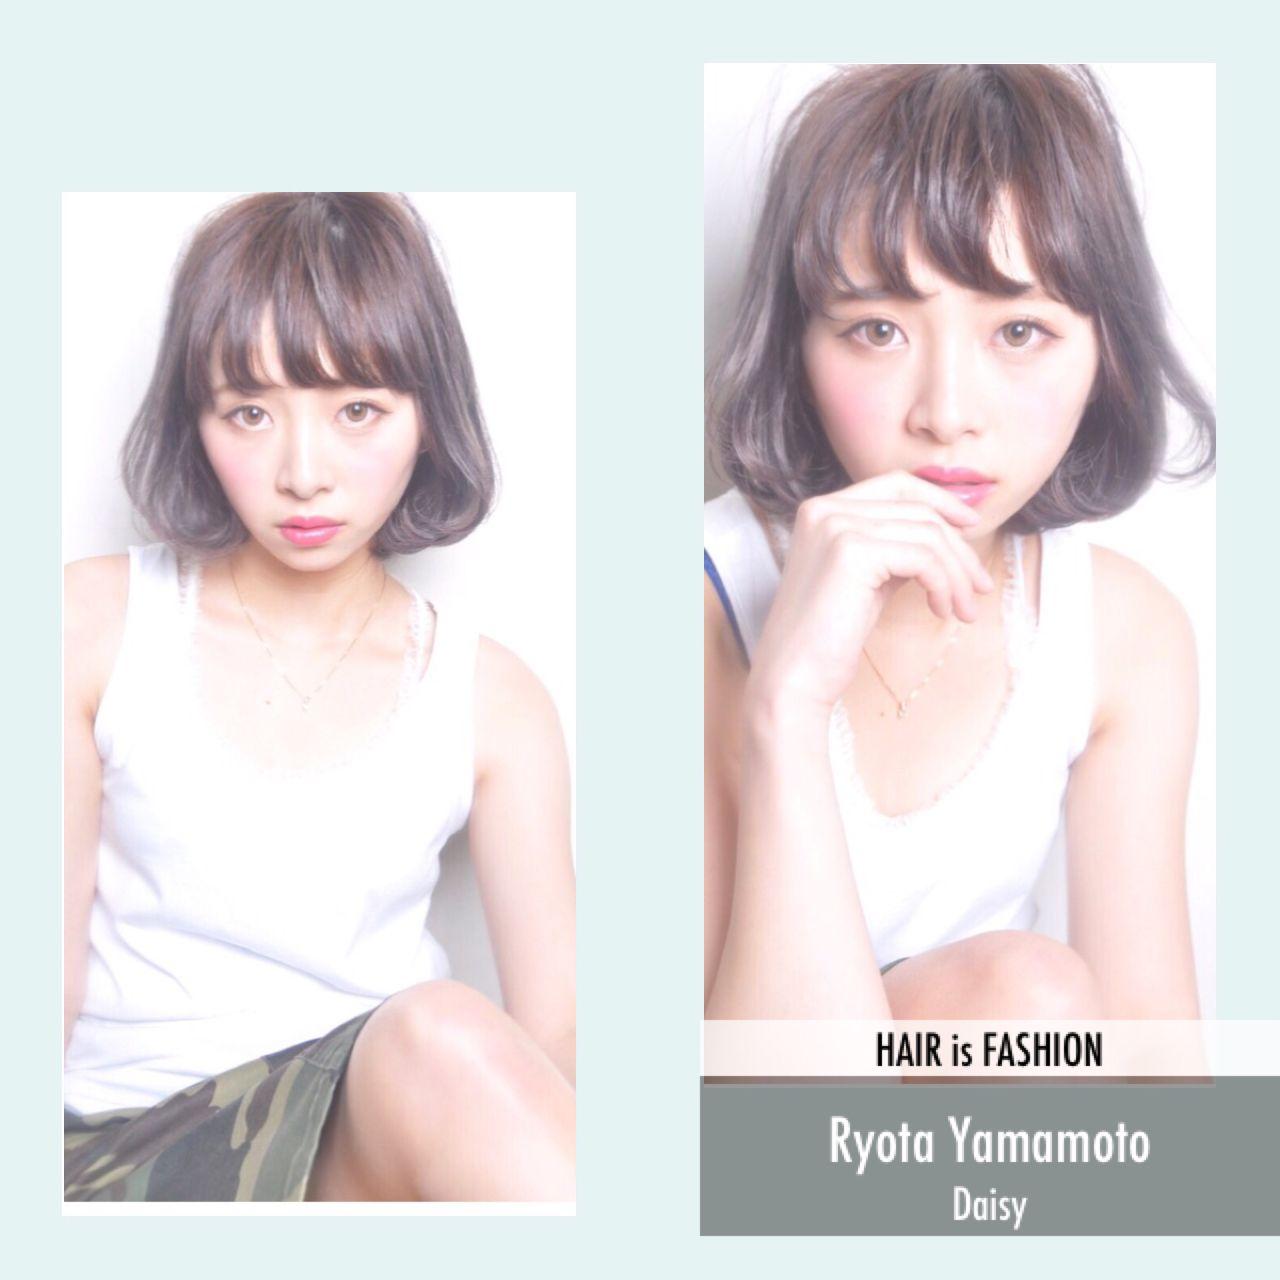 ショート モード ストリート ボブ ヘアスタイルや髪型の写真・画像 | Ryota Yamamoto Daisy / Daisy